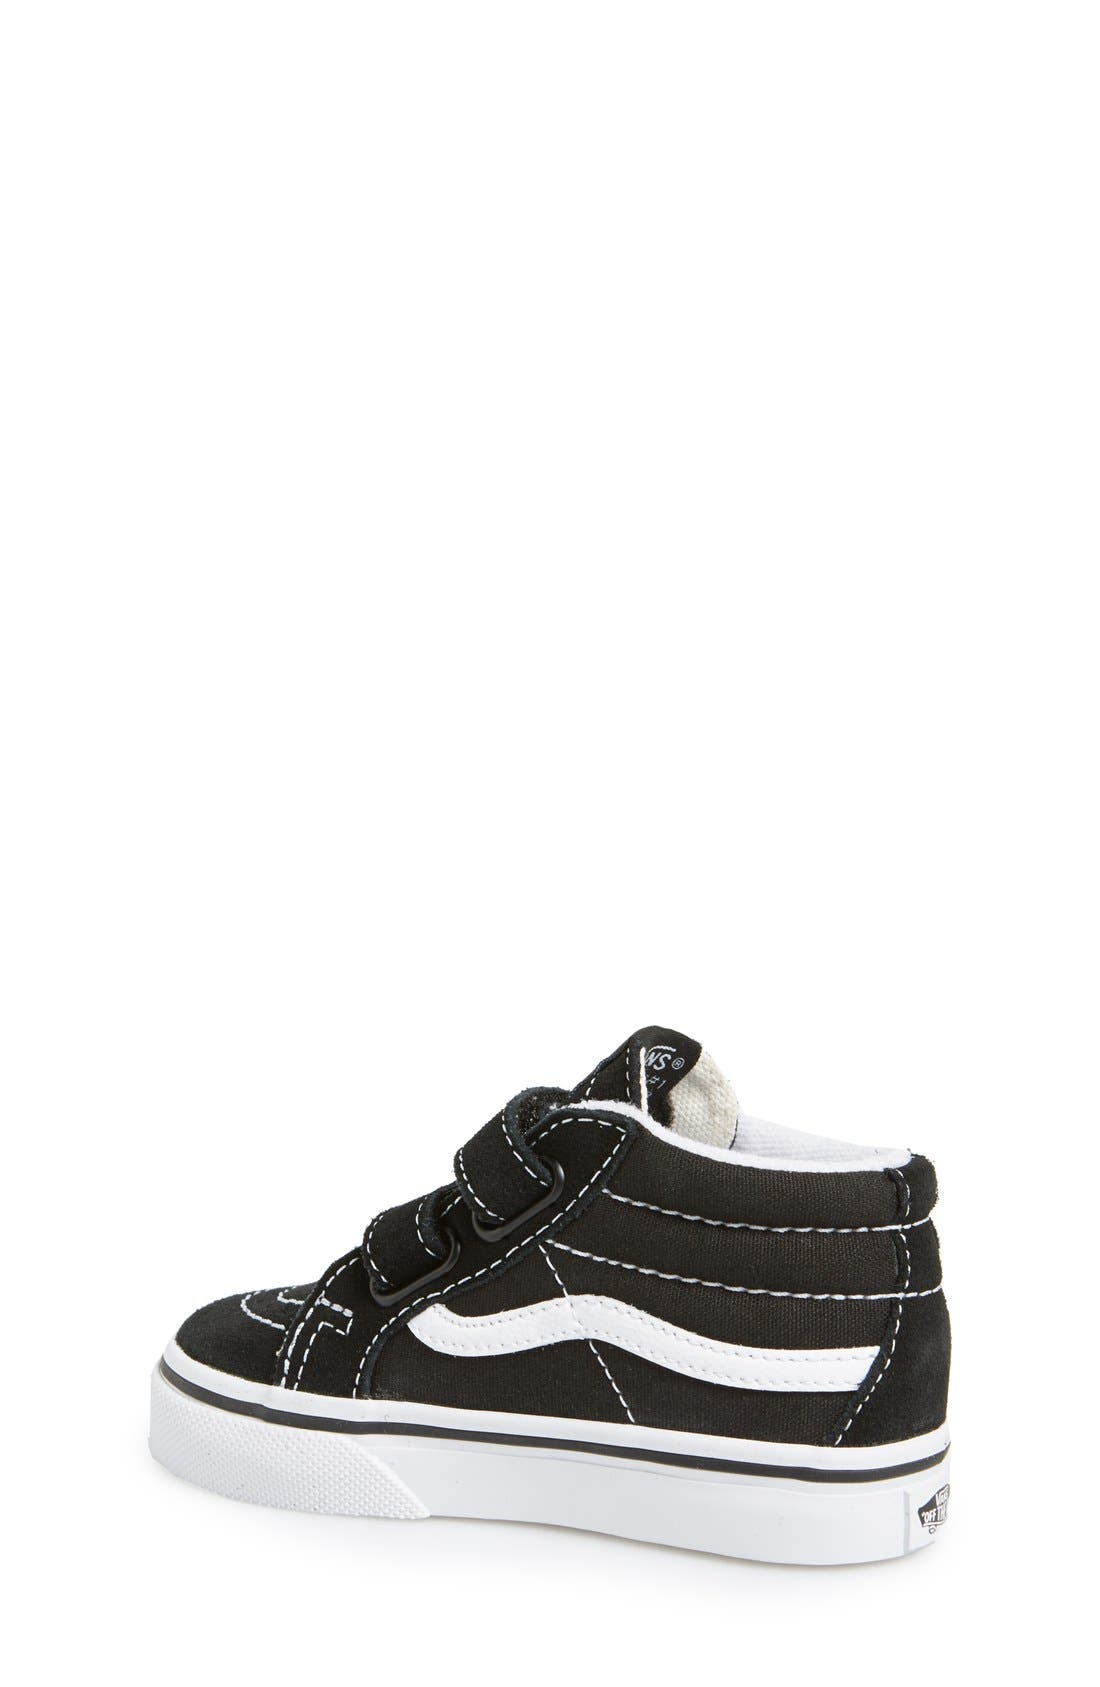 'Sk8-Mid Reissue' Sneaker,                             Alternate thumbnail 4, color,                             BLACK/ TRUE WHITE